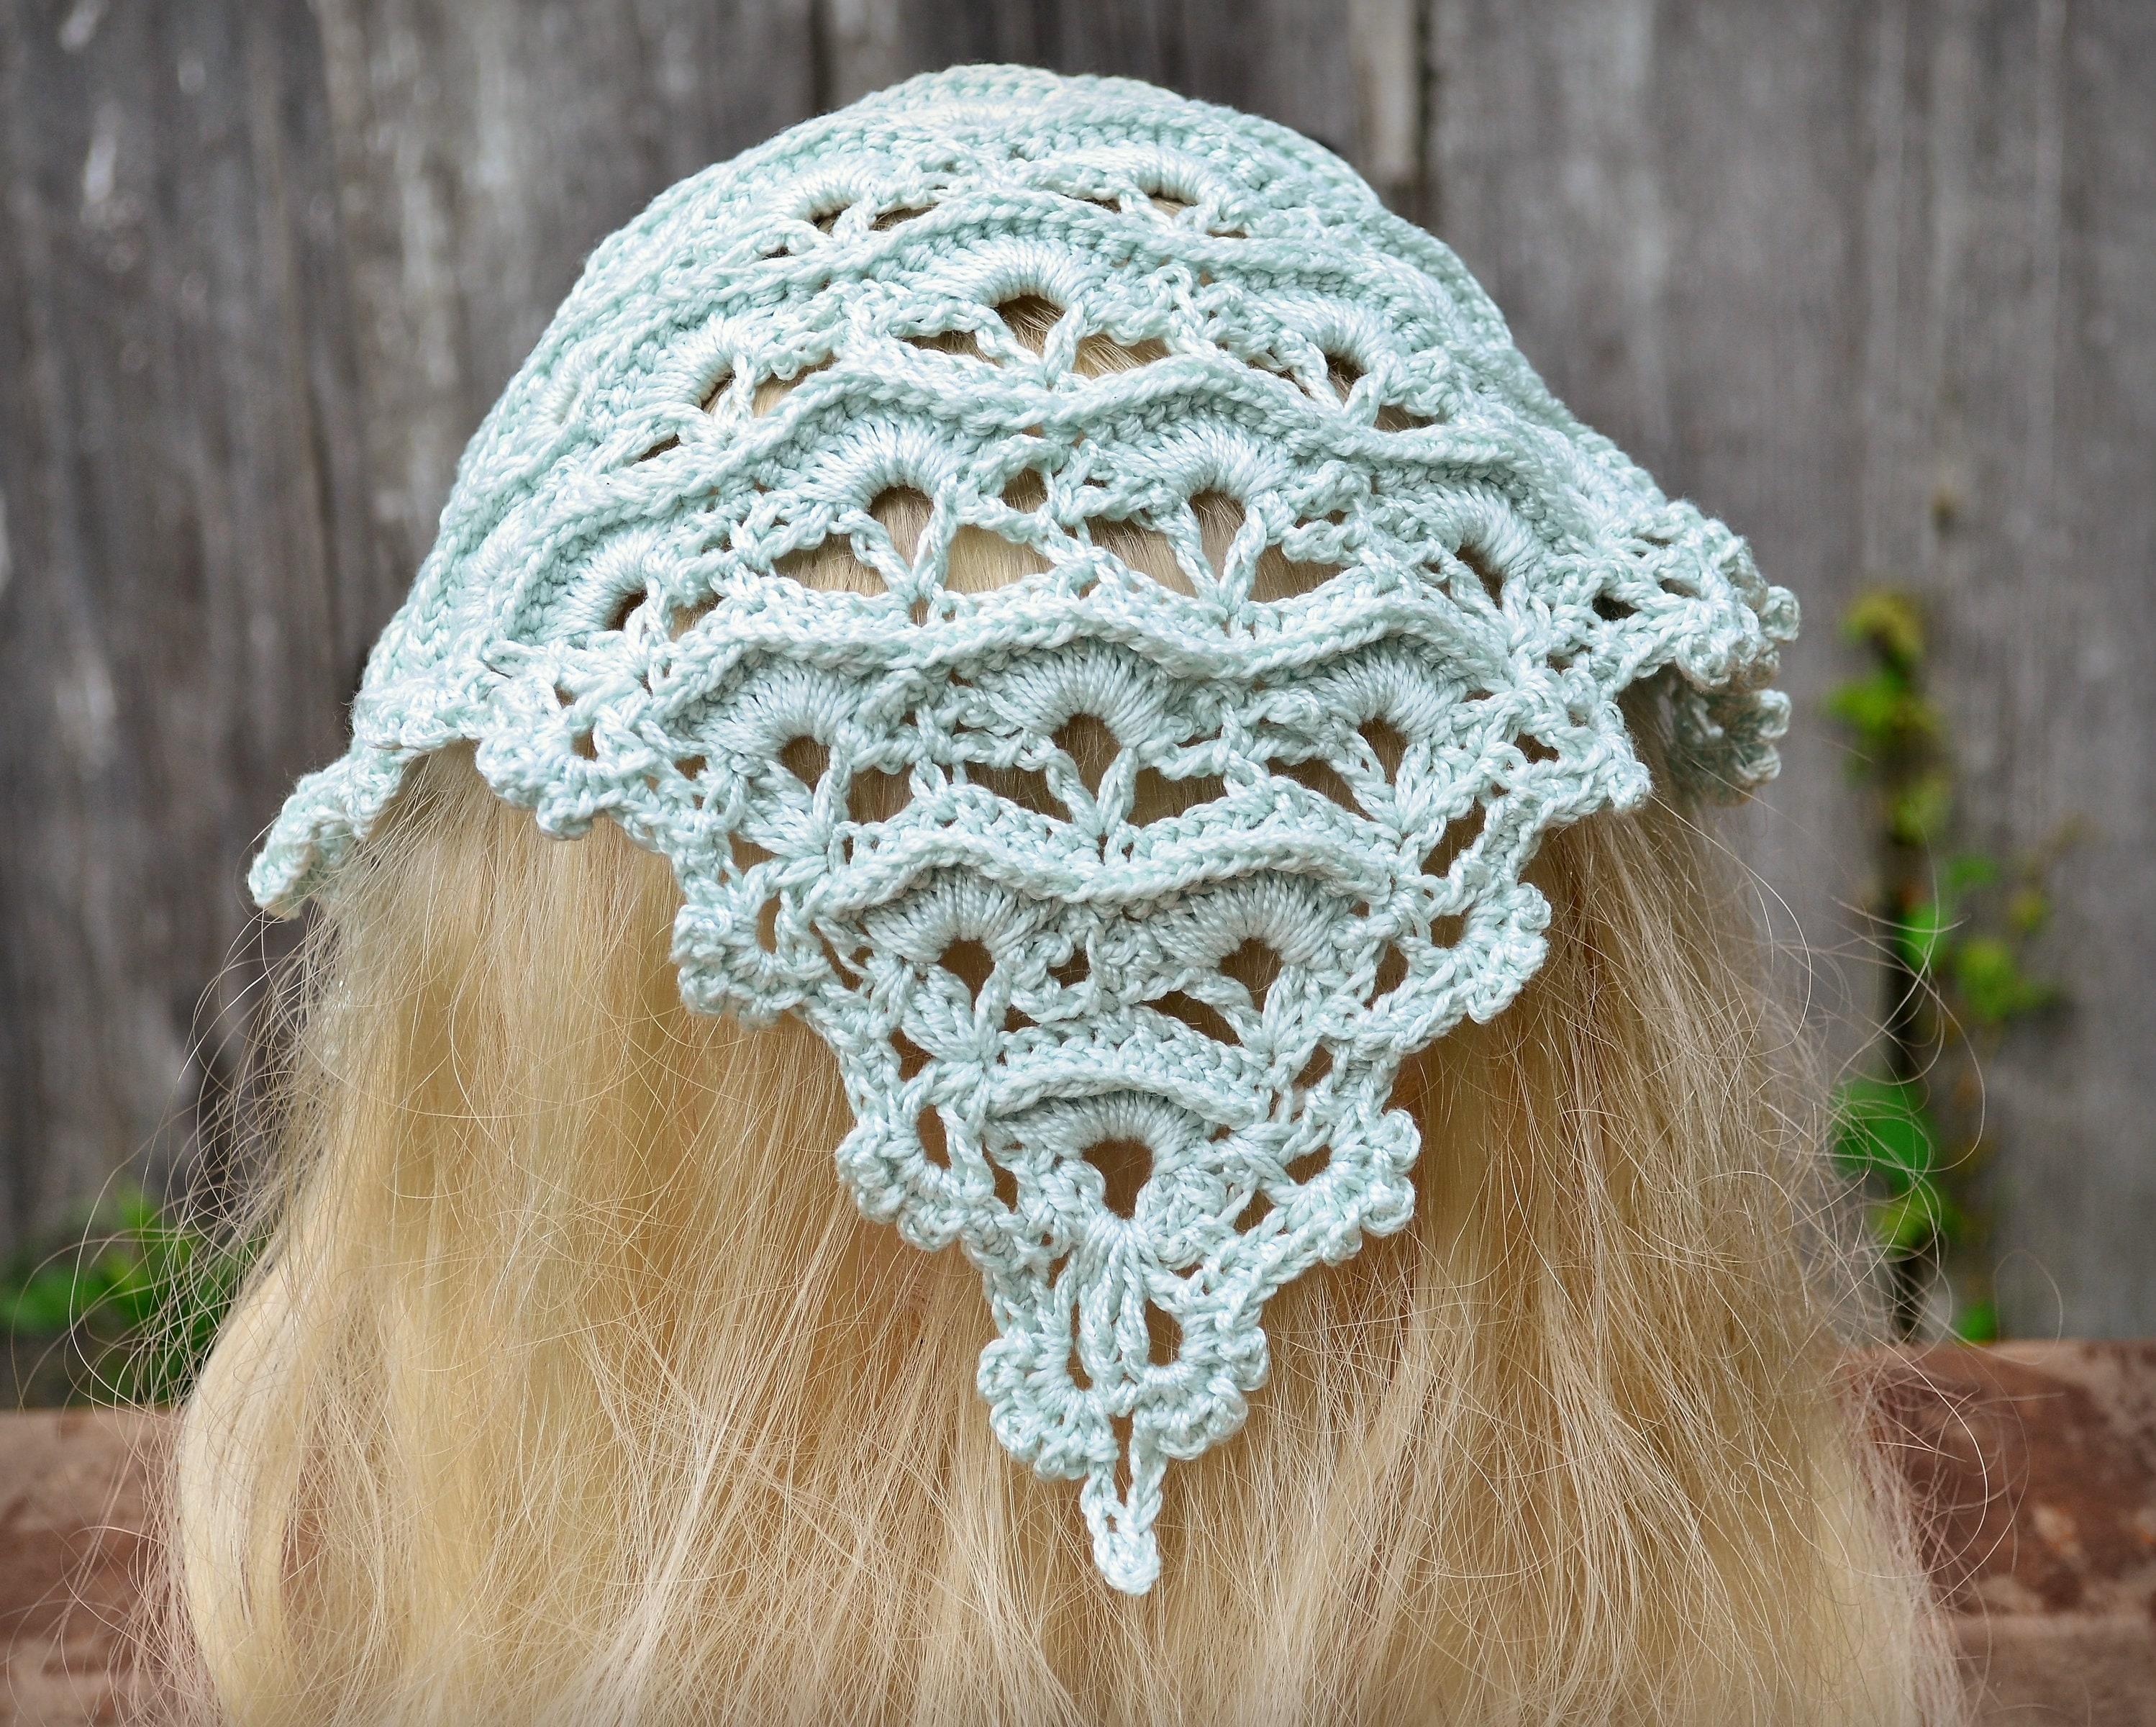 Crocheted Bandana Crochet Kerchief Handmade Head Scarf Etsy